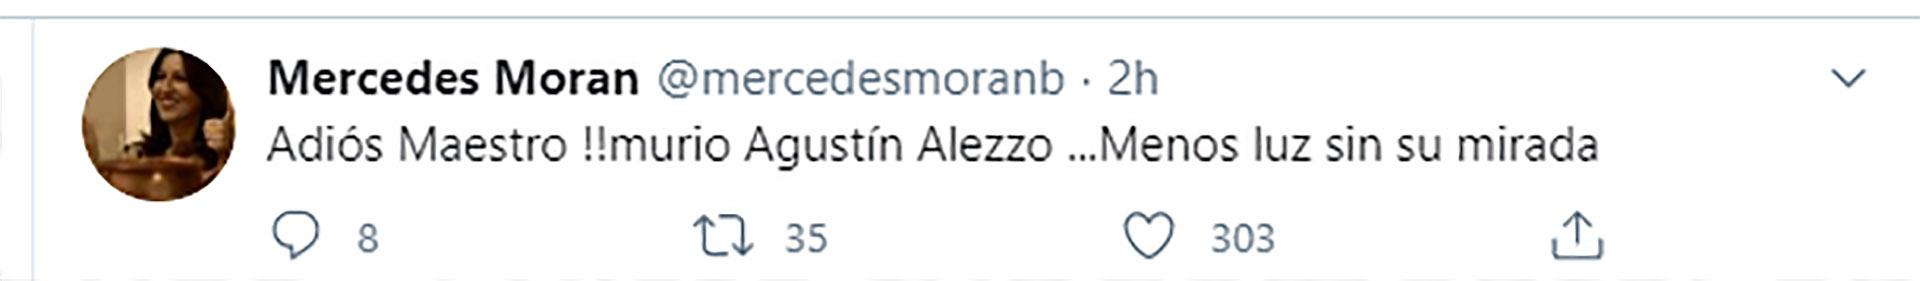 El tuit de Mercedes Morán